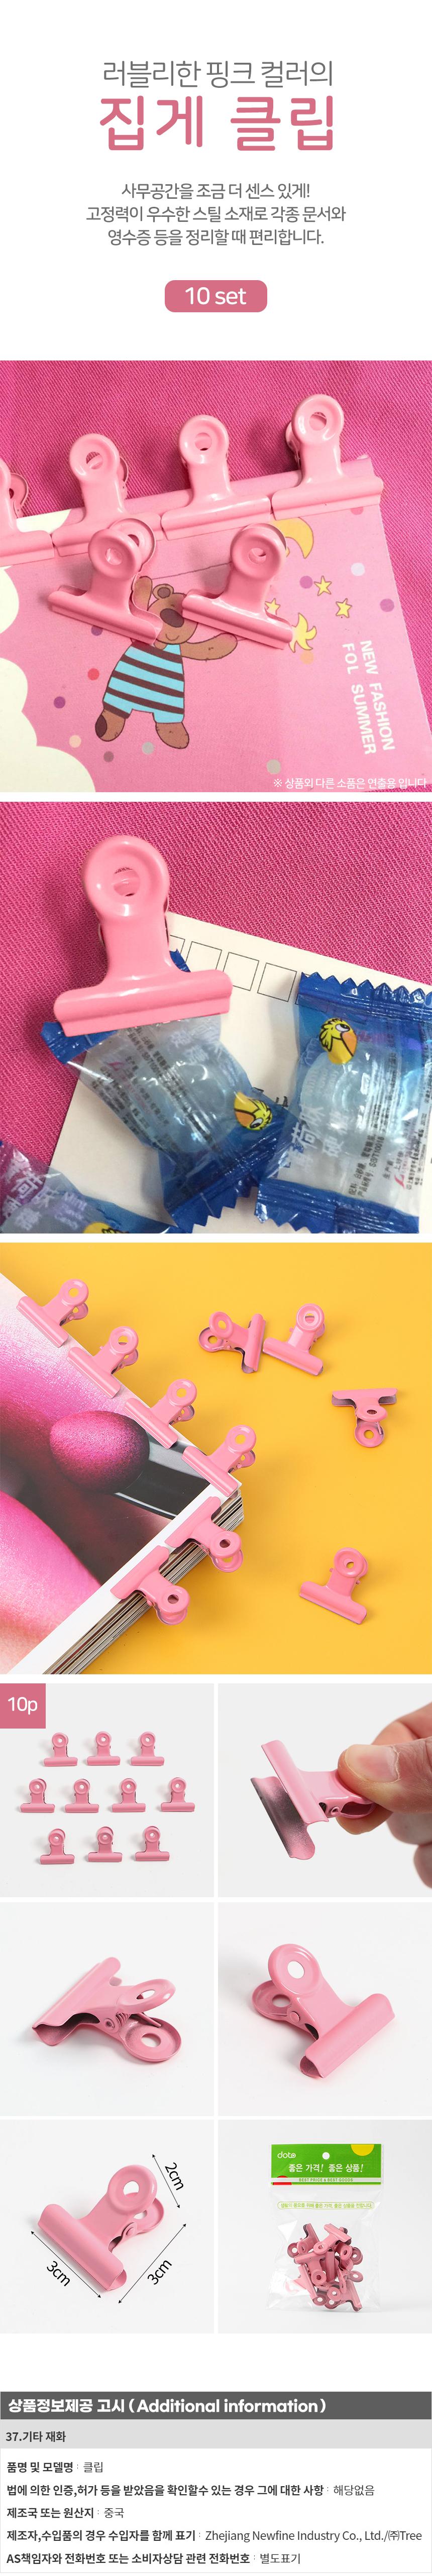 문구존 핑크 불독 클립 10p세트/ 서류집게 - 기프트갓, 5,300원, 데스크소품, 클립/집게